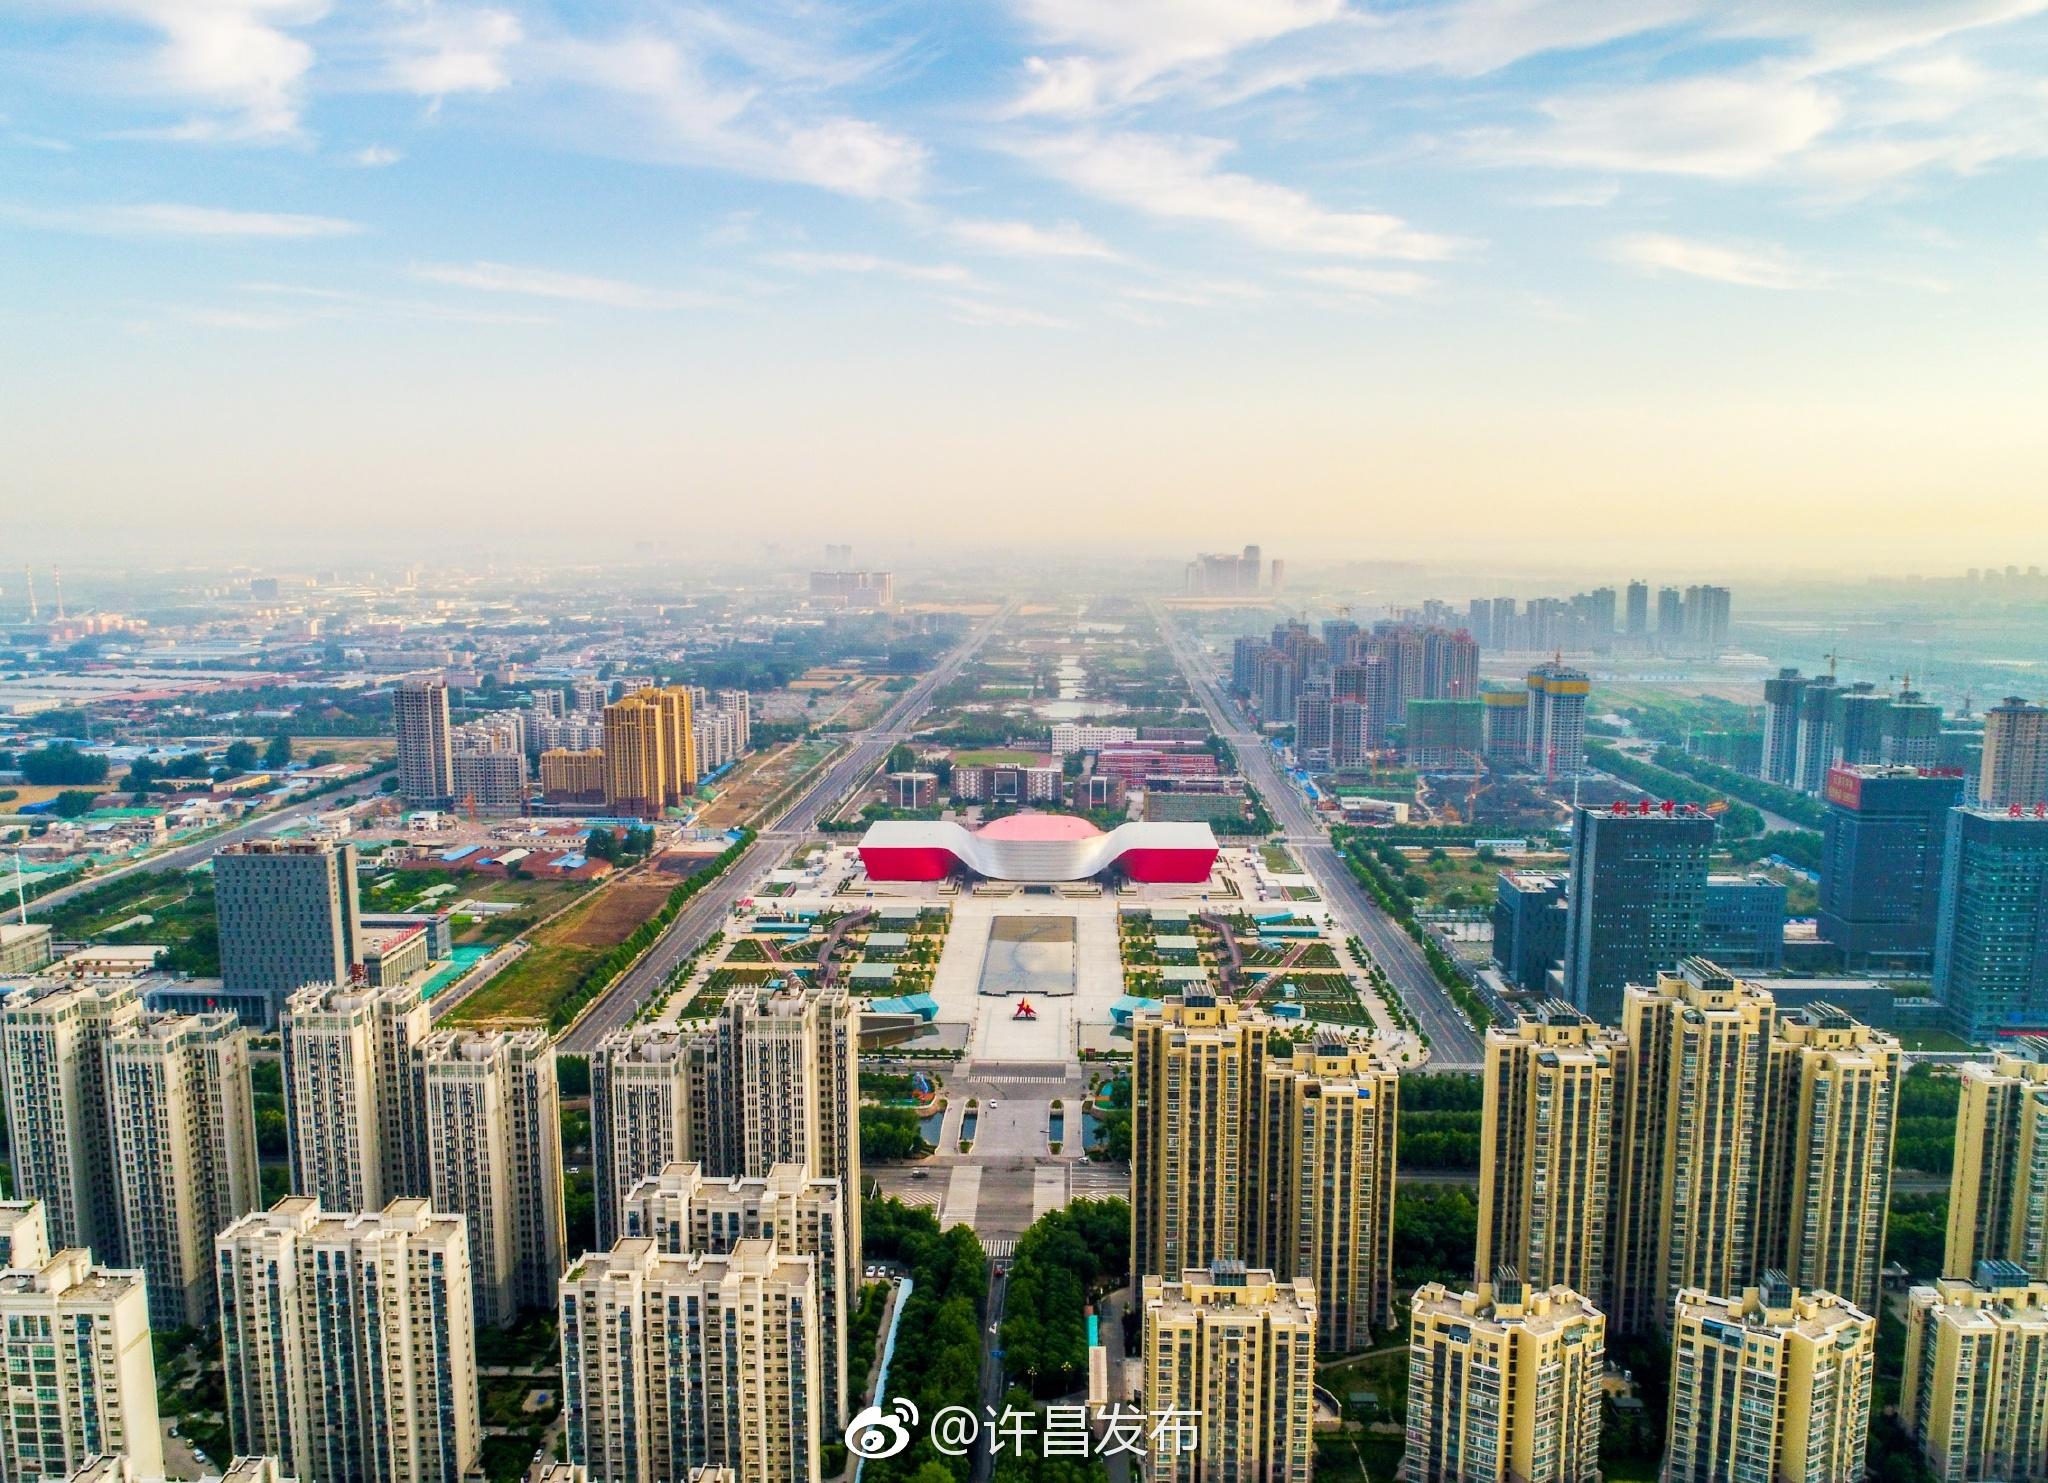 晒晒咱家乡的新风貌!许昌--国家生态园林城市范儿[威武]